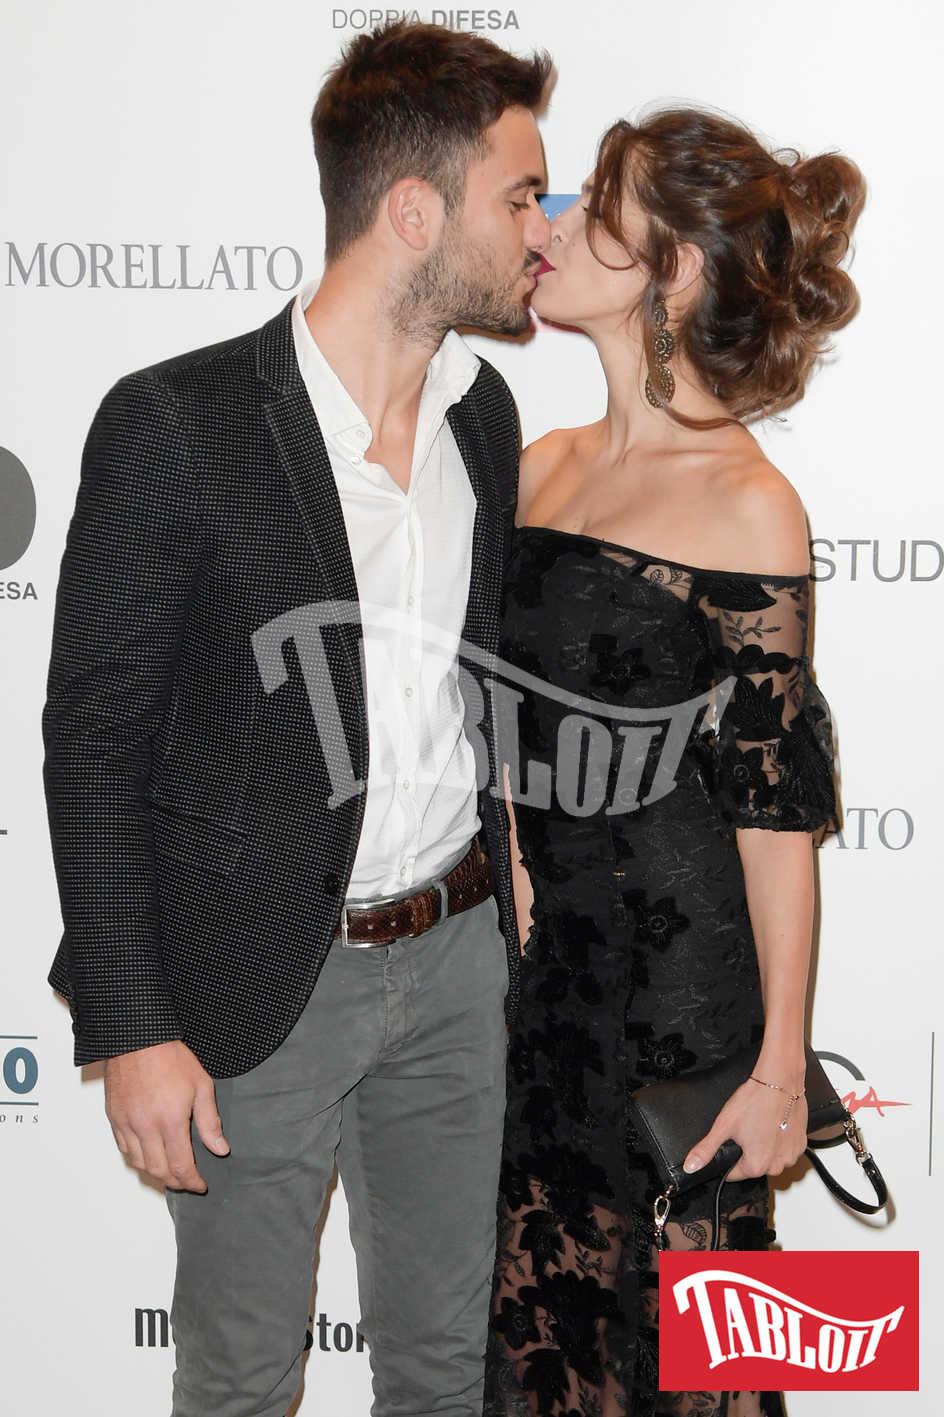 Ariadna Romero e Pierpaolo Pretelli